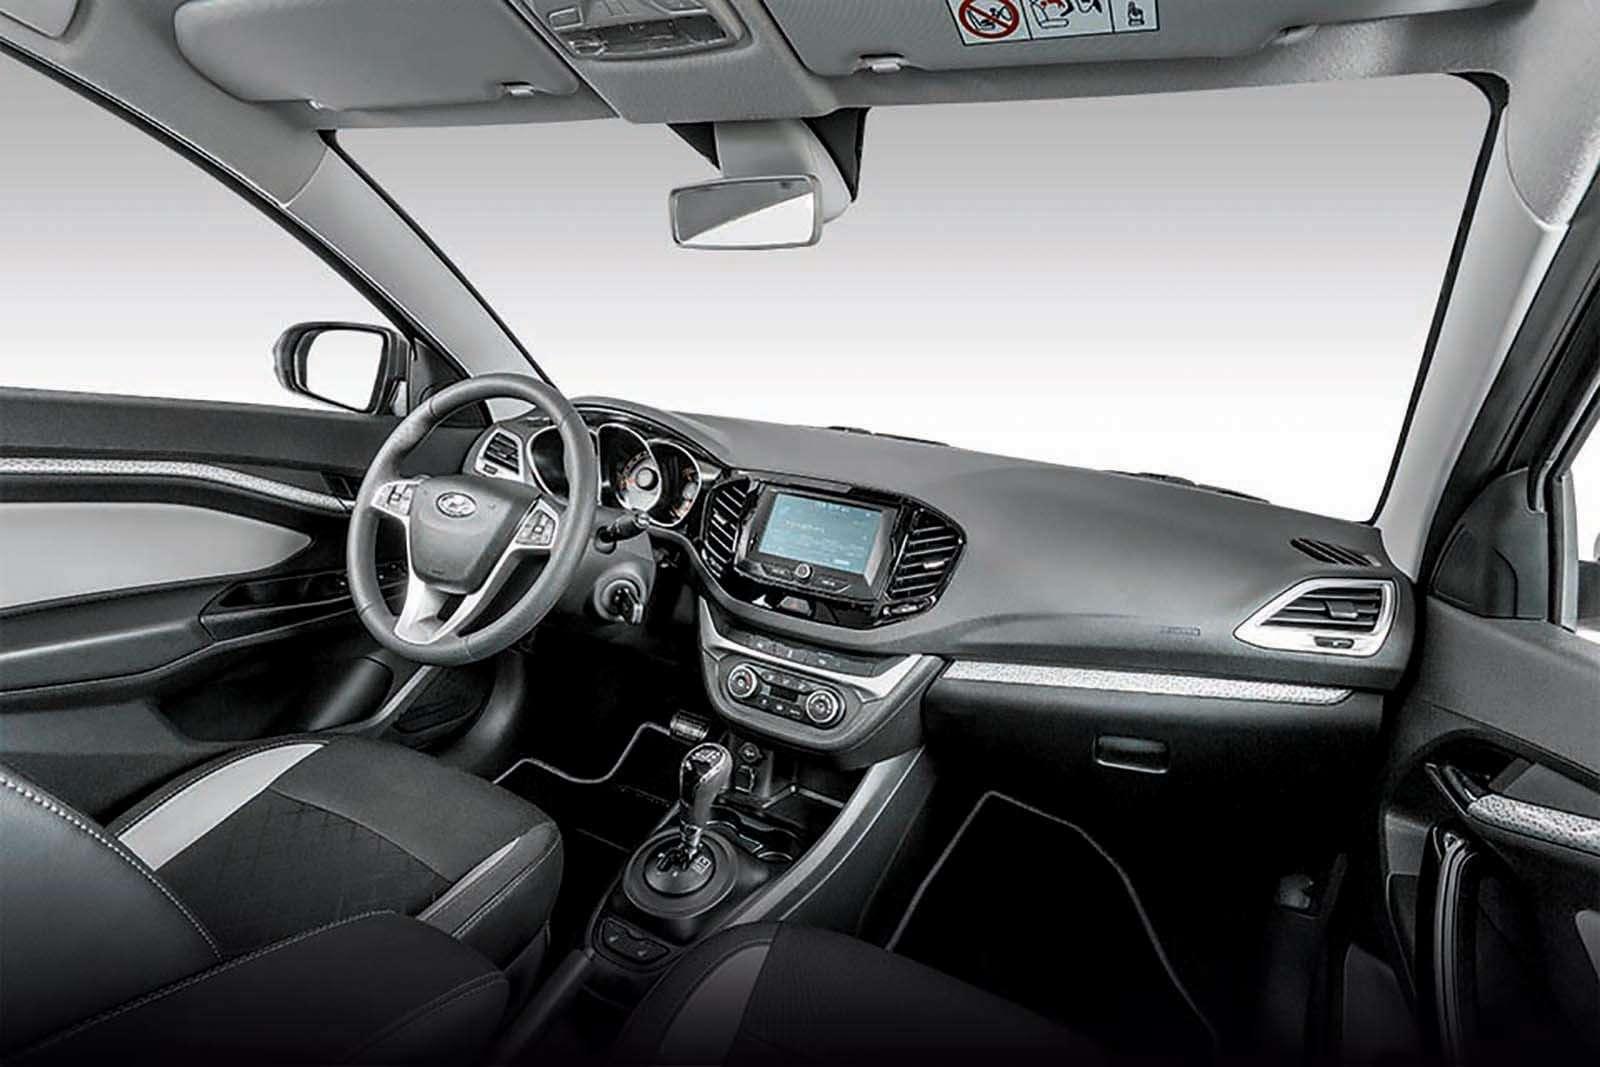 Седан Lada Vesta Cross: производство началось. Когда его ждать впродаже?— фото 863366